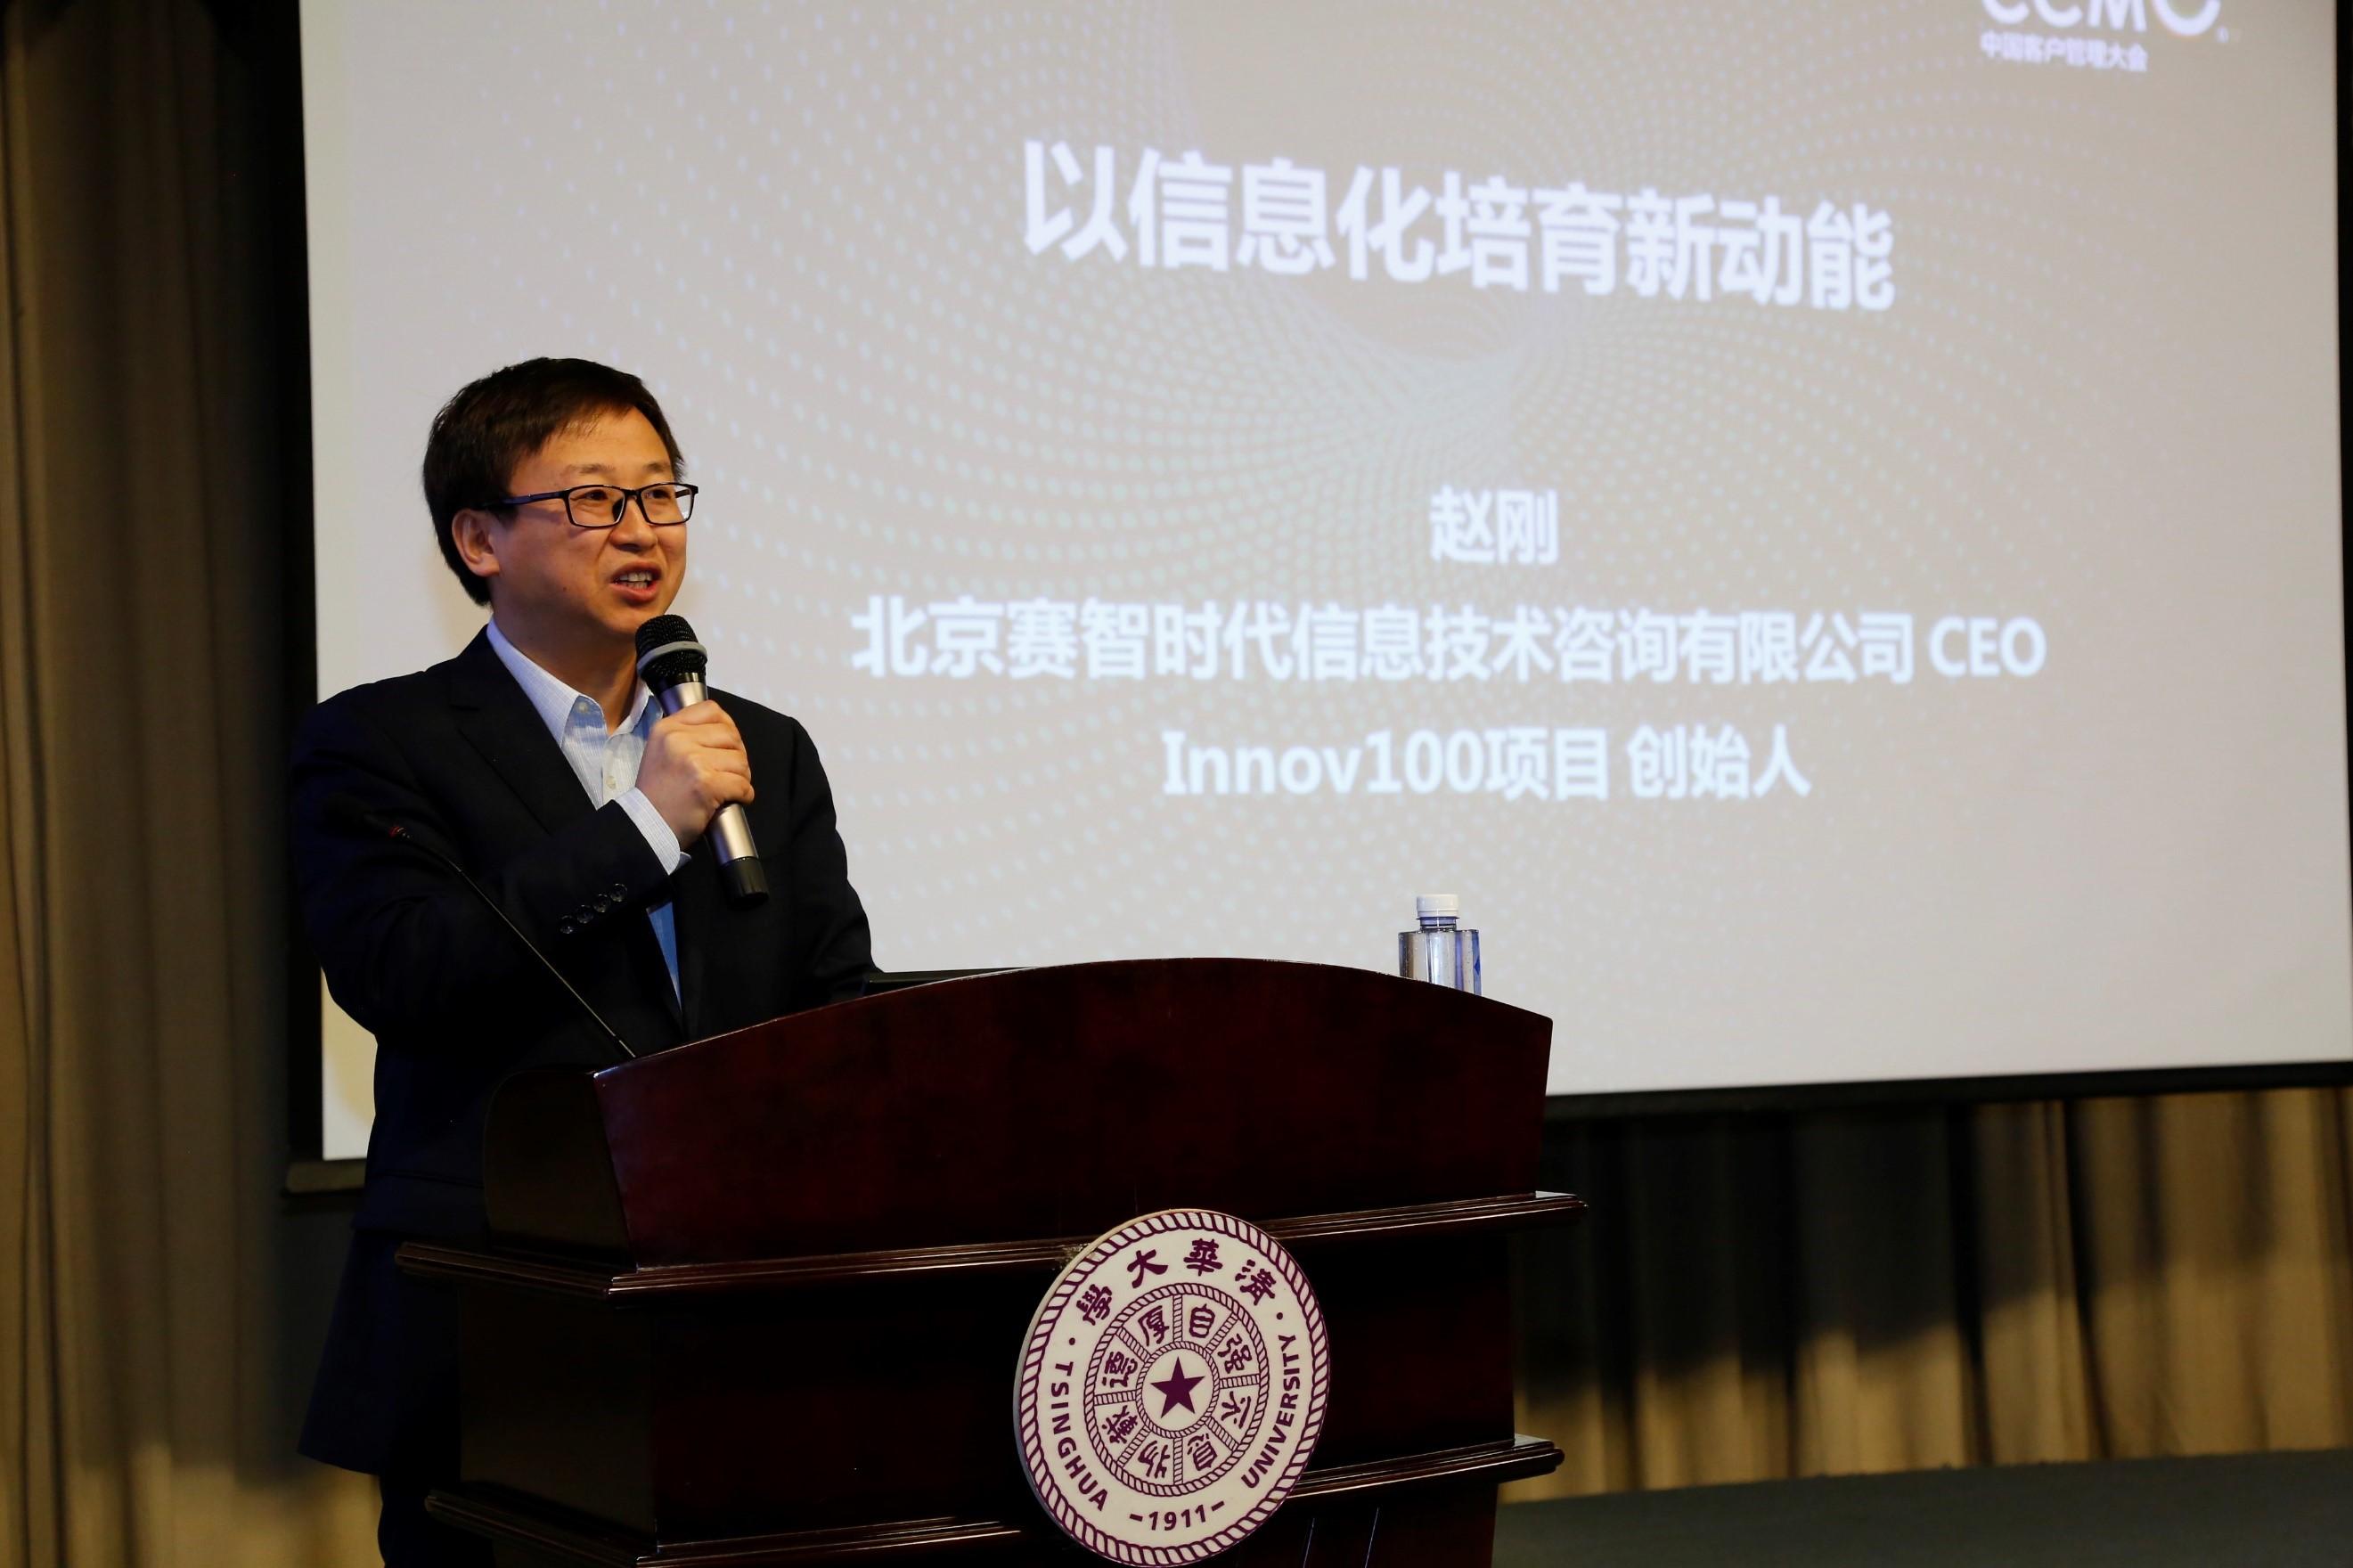 赛智时代CEO赵刚:数字经济演变逻辑和2018年发展趋势